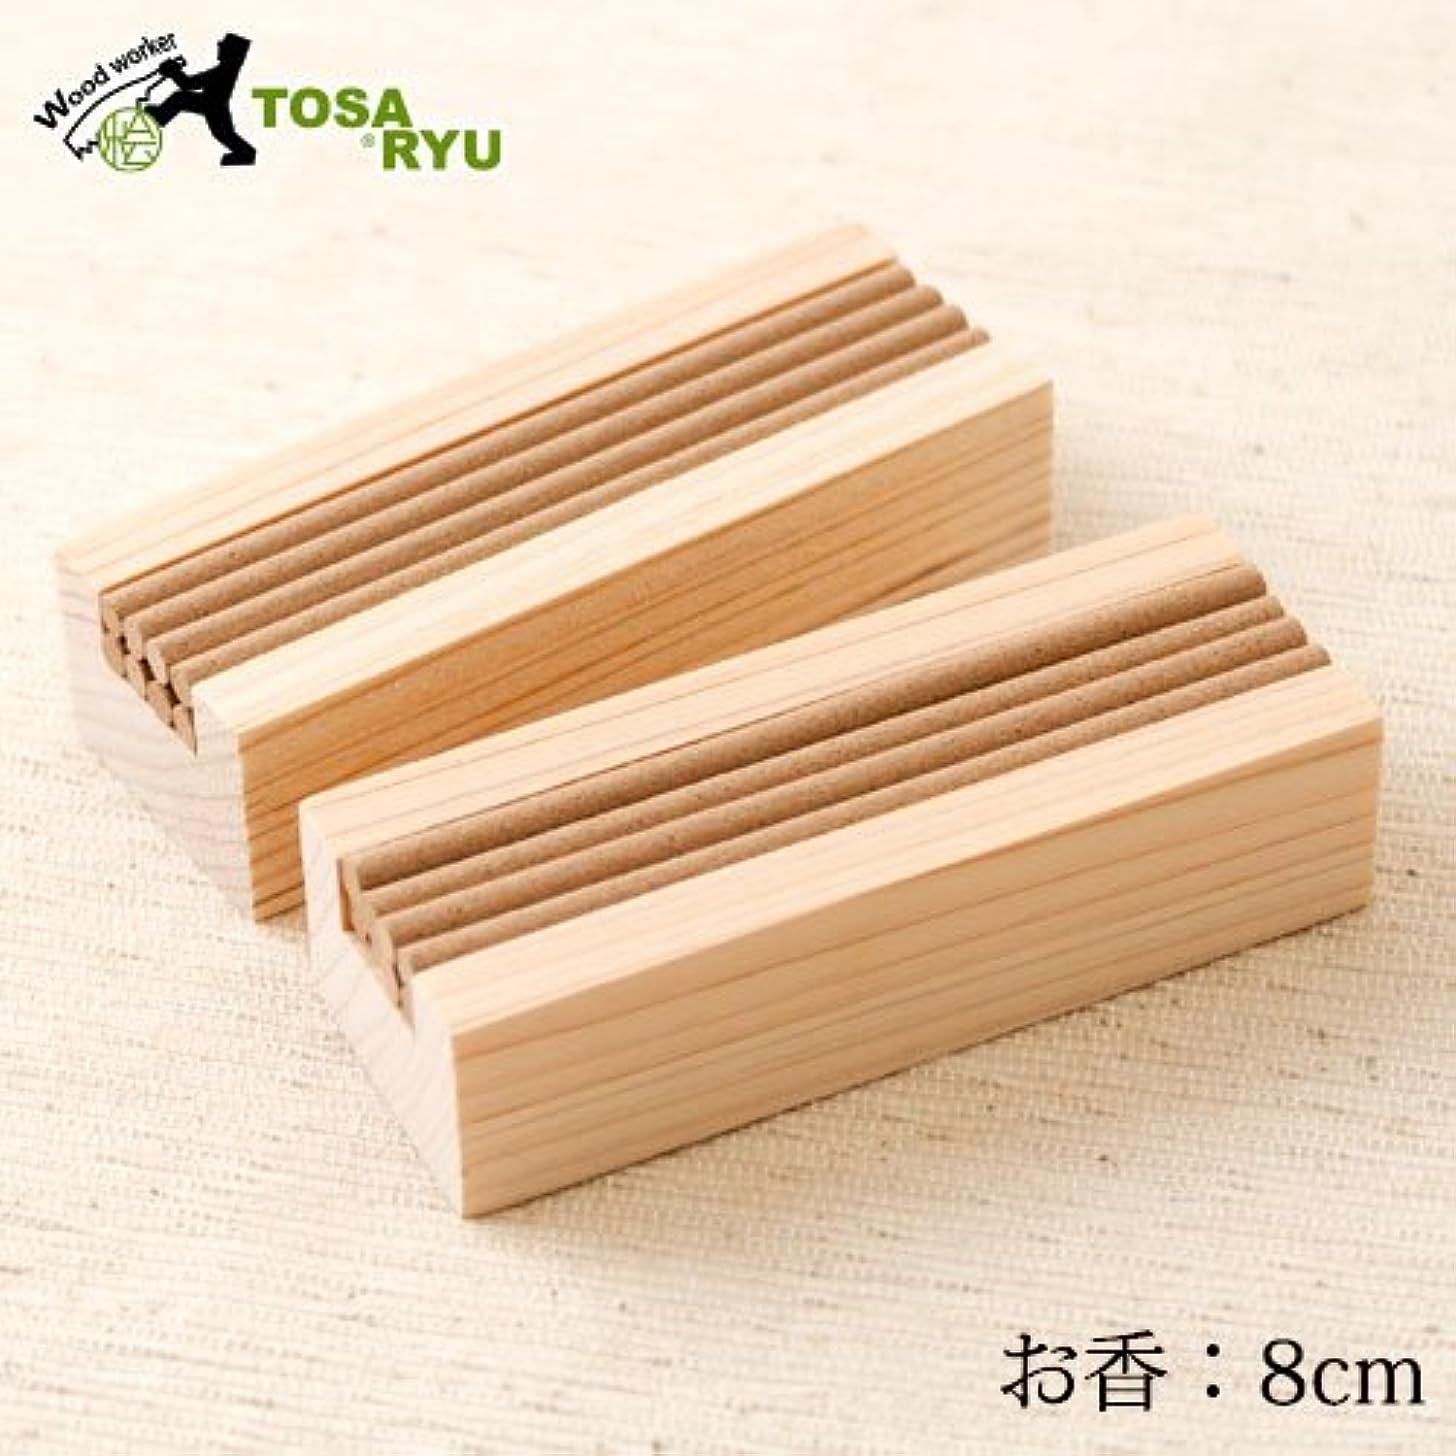 ばかげた十分規模土佐龍四万十ひのき森林香リフィル16本入りお香スティック?線香高知県の工芸品Cypress Incense, Kochi craft